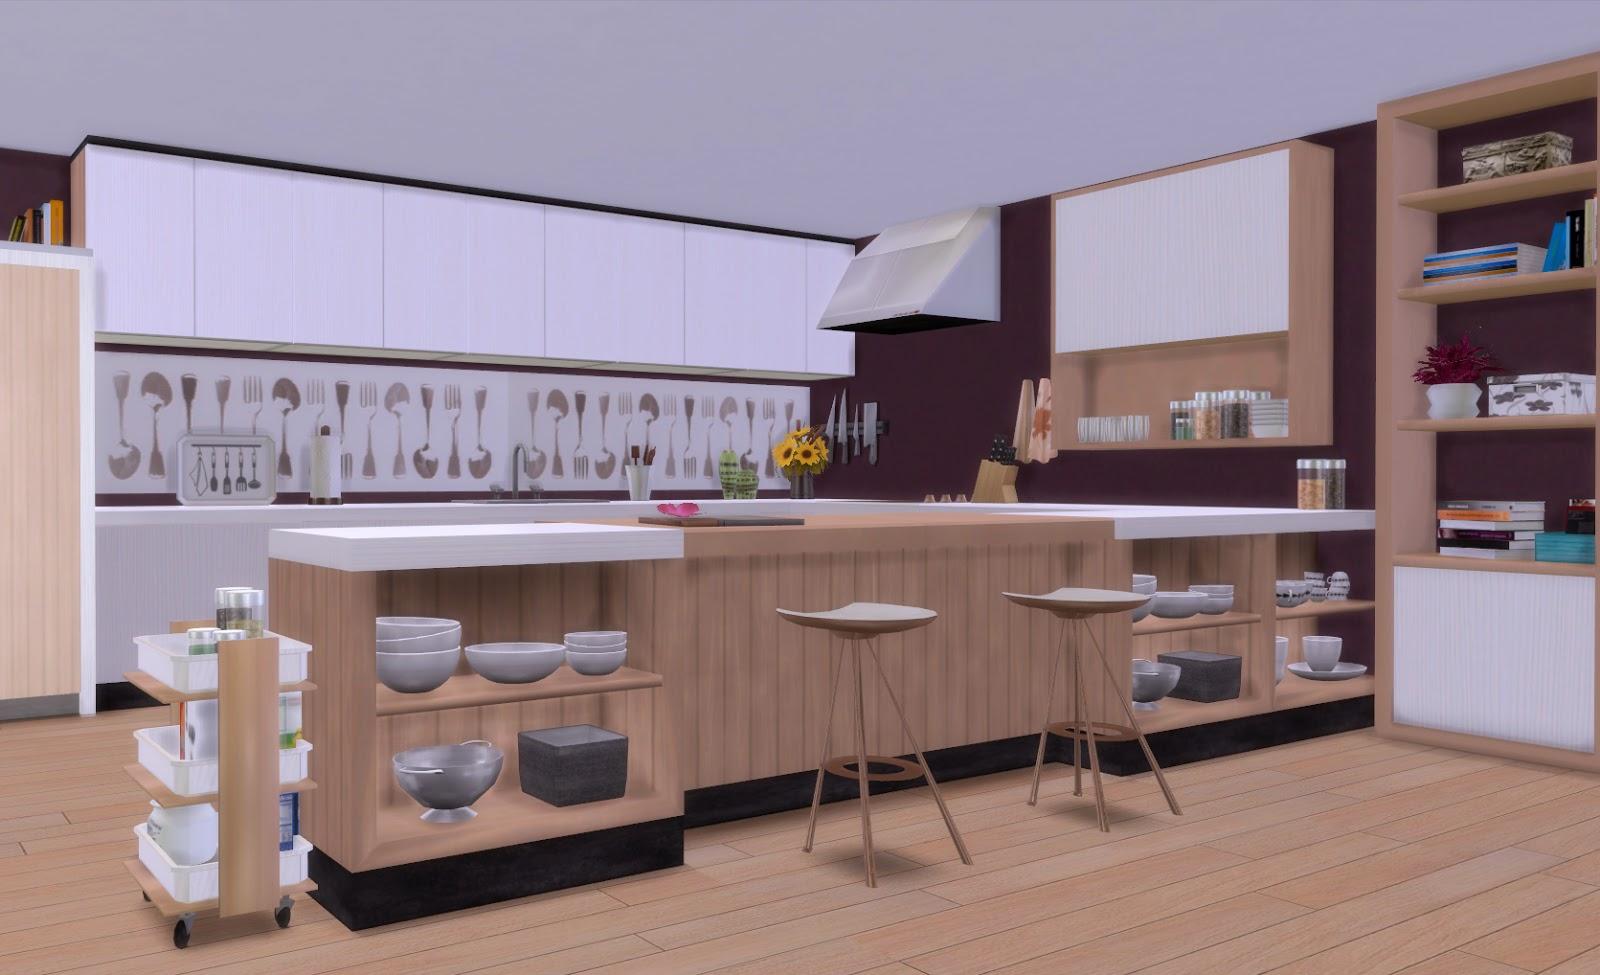 Sims 4 cocina firence - Isletas de cocina ...